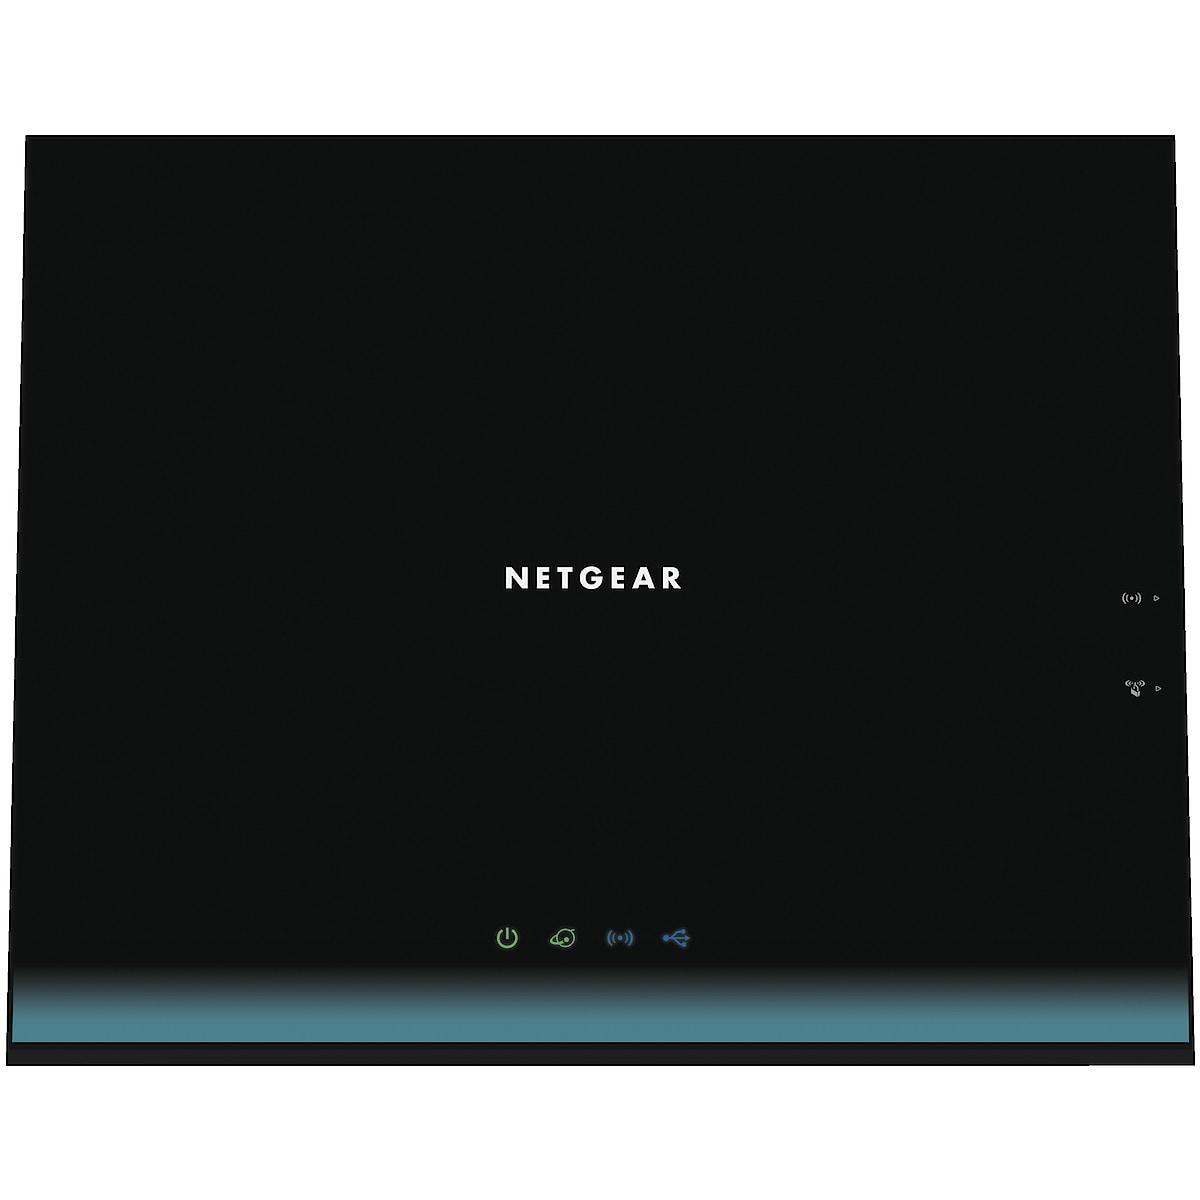 WLAN-AC-Router Netgear R6100